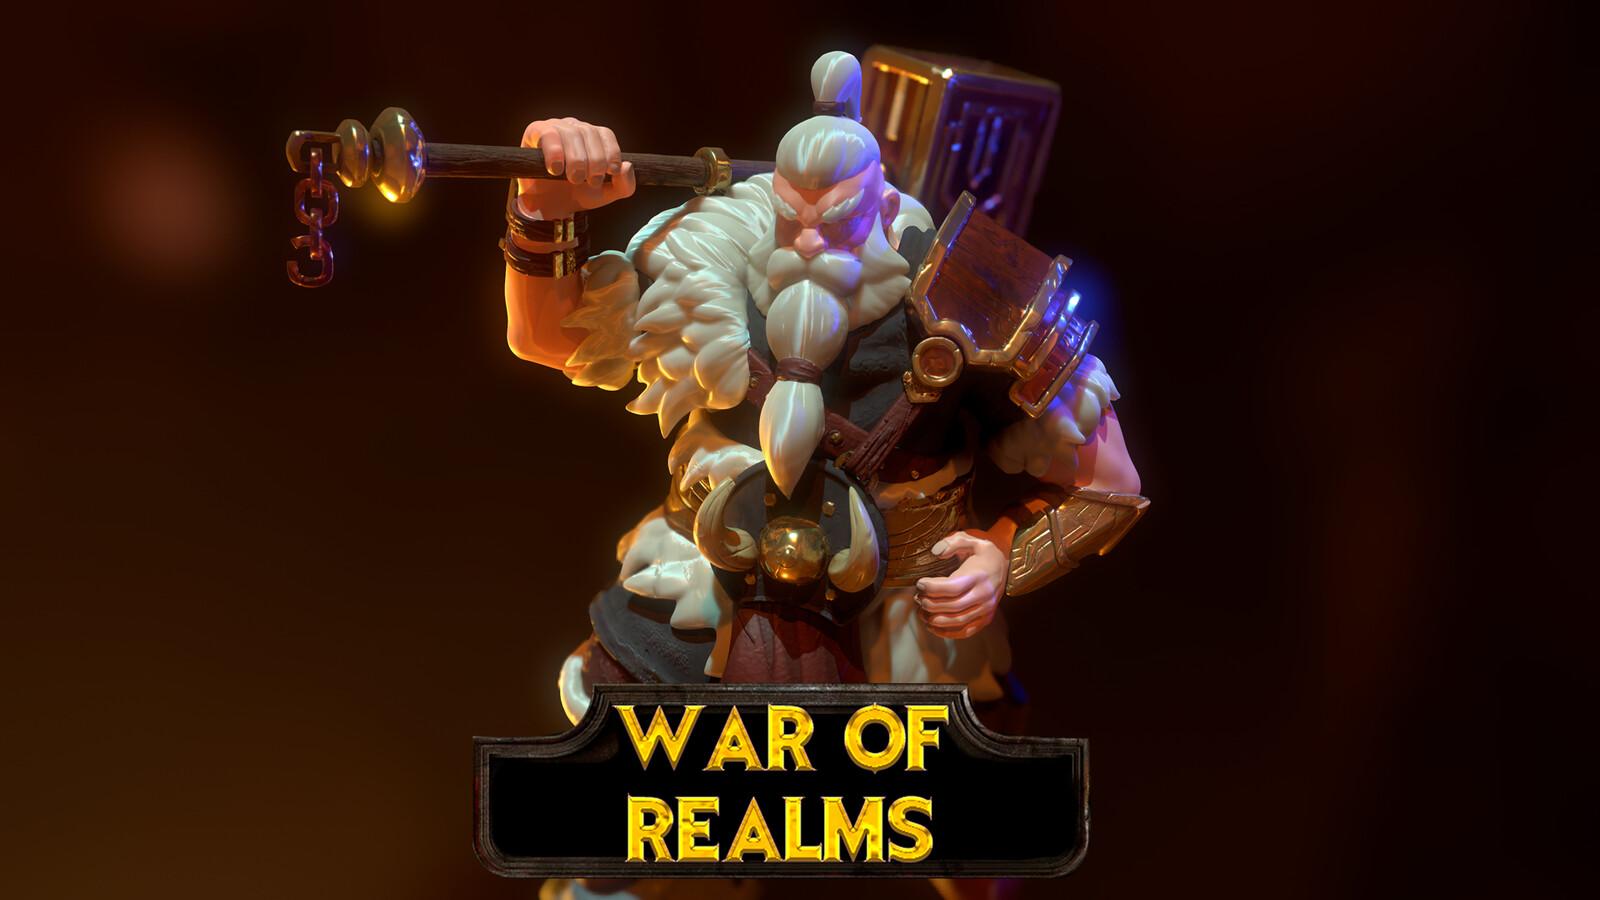 Bolar the Dwarf